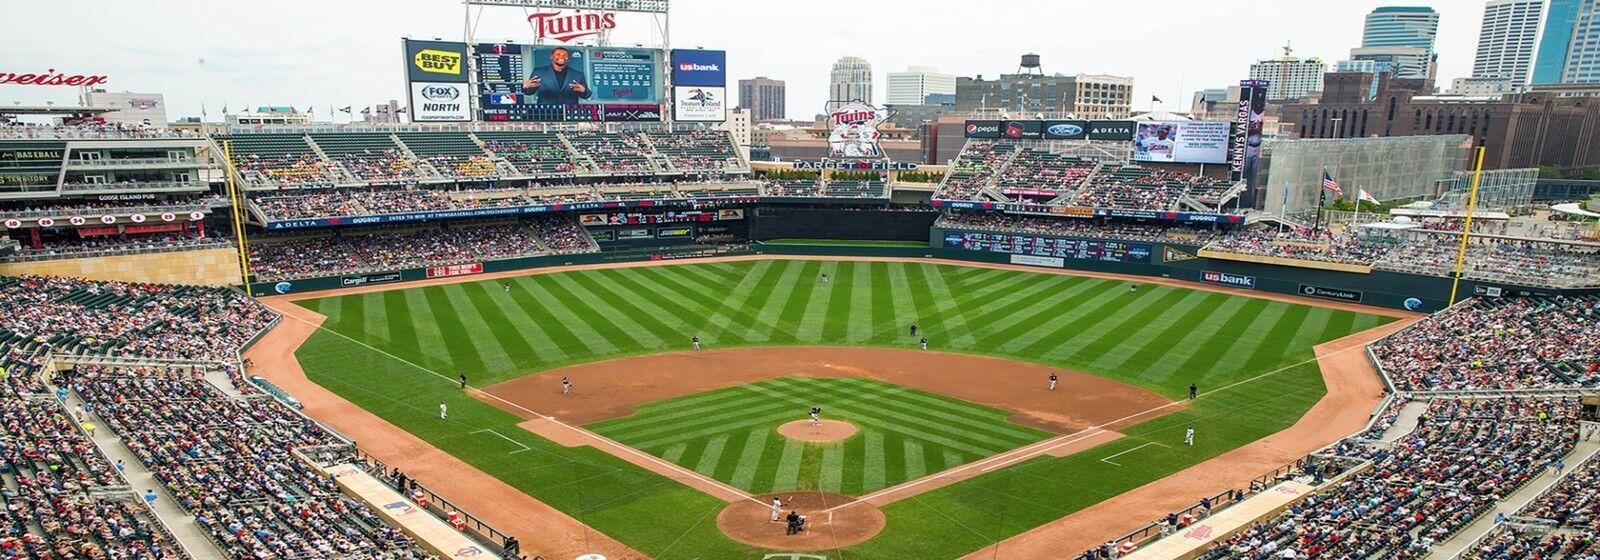 5609a3c3 Minnesota Twins Tickets - StubHub